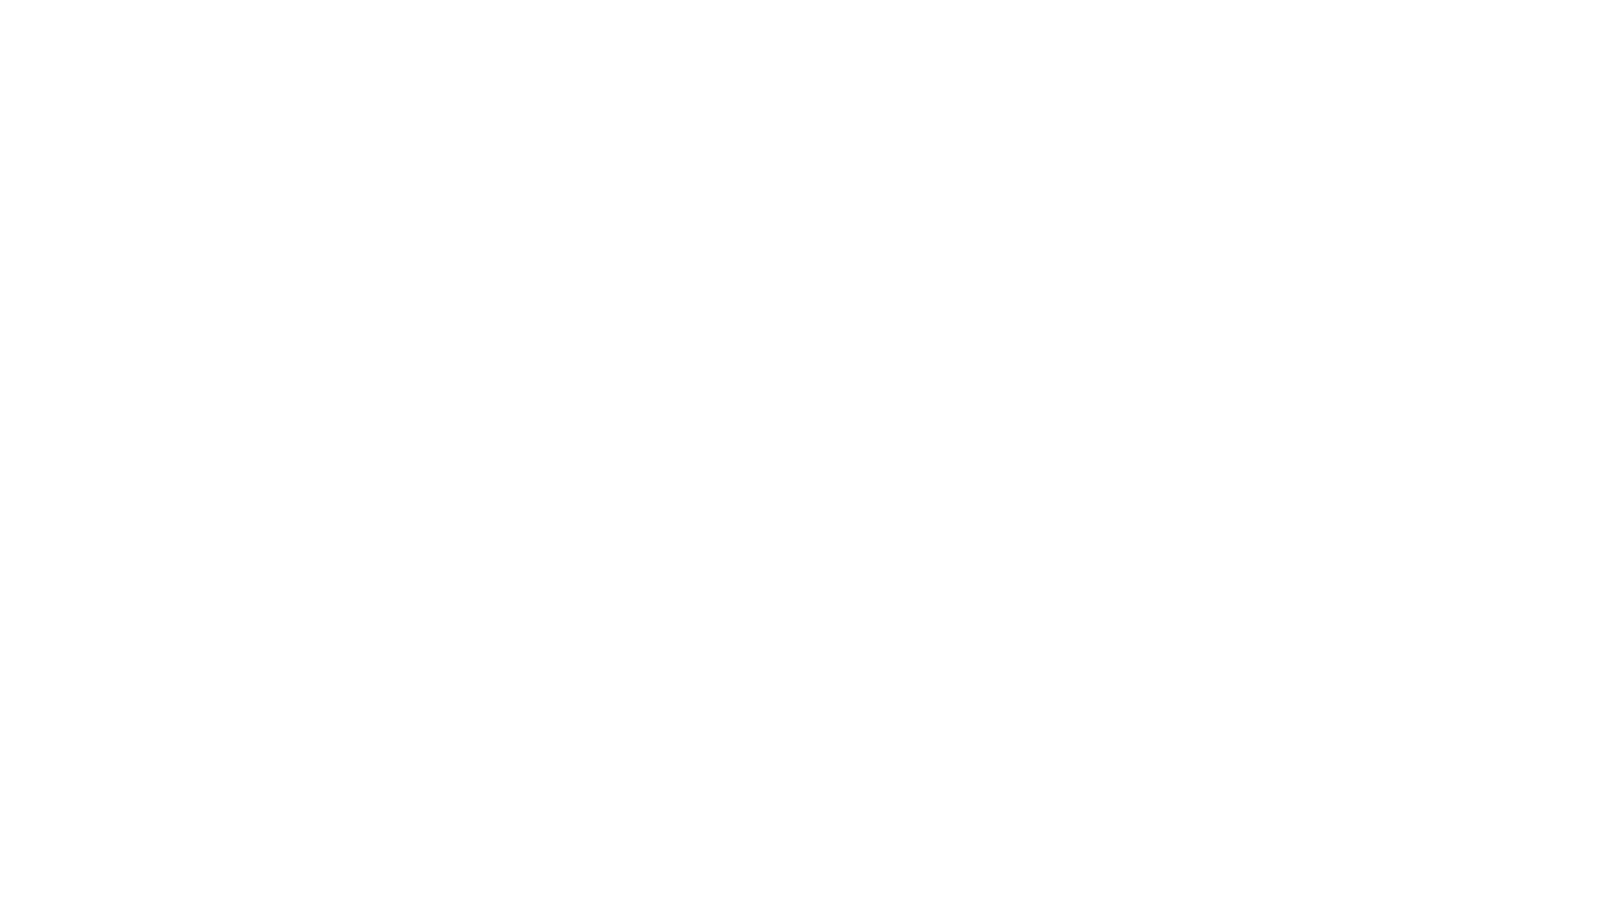 """Con lo spostamento delle lancette un'ora indietro (ora solare) l'organismo può andare incontro ad alcuni cambiamenti. Si tratta di effetti assimilabili a quelli del Jet Lag. """"La variazione, anche solo di un'ora, porta ad una modifica della secrezione di ormoni, ad alterazioni della frequenza cardiaca e della pressione arteriosa"""", spiega Anna Lo Bue dell'Istituto per la ricerca e l'innovazione biomedica del Consiglio nazionale delle ricerche (Cnr-Irib)."""